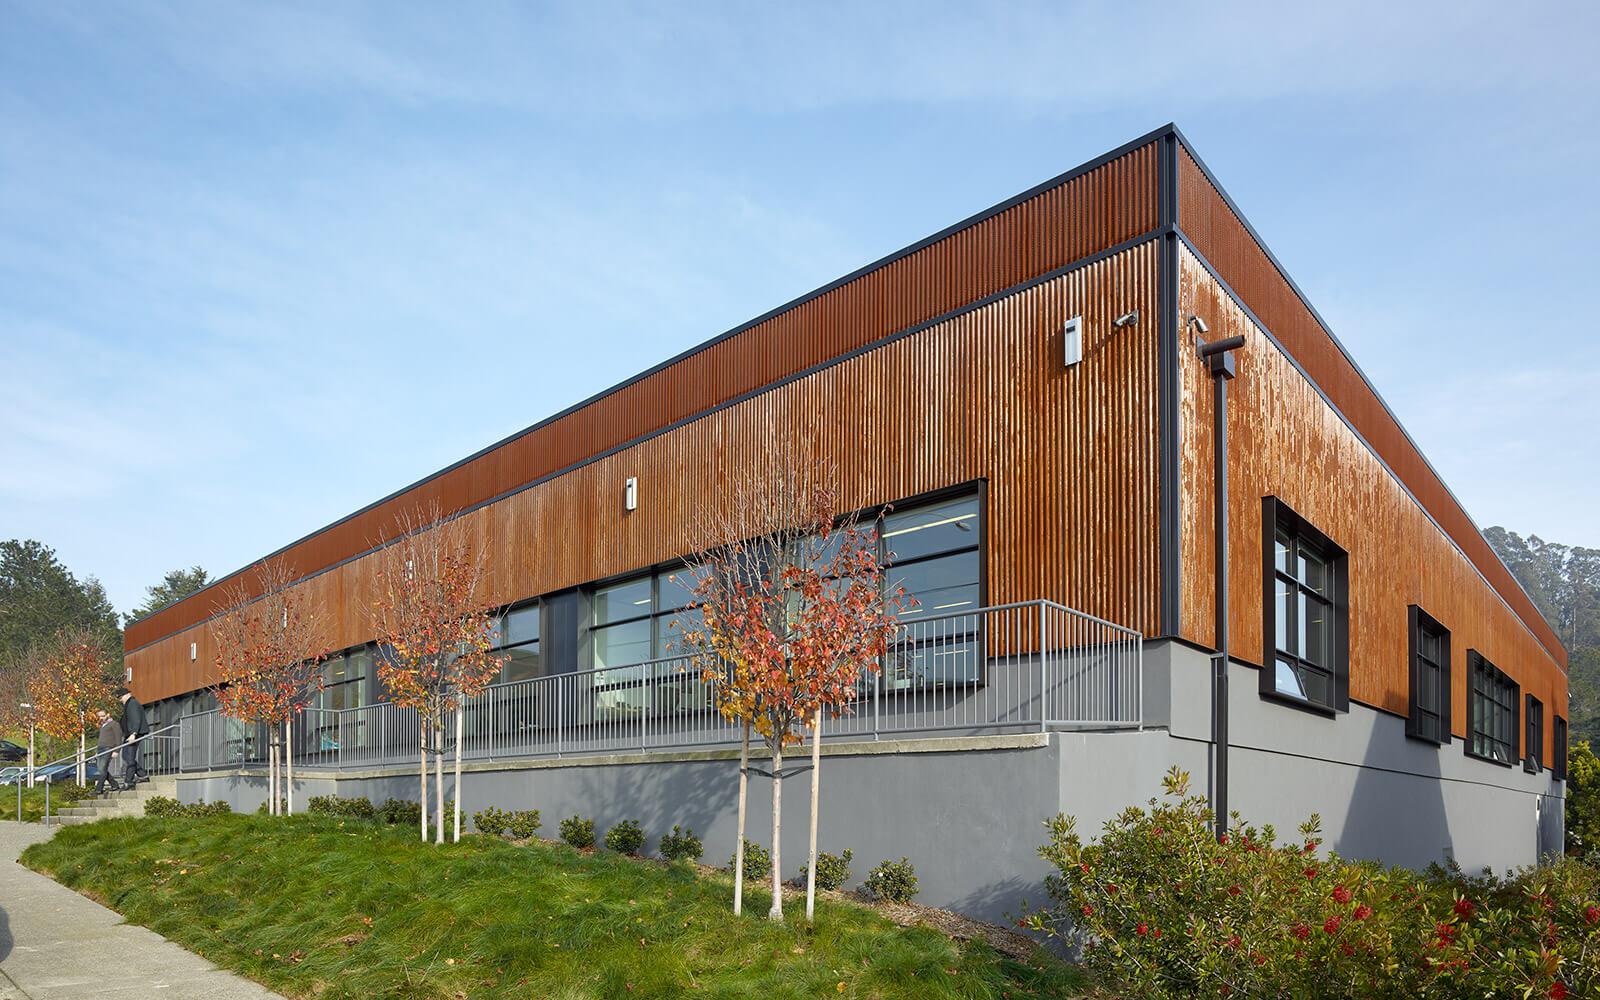 studio vara case study redwood highway exterior rendering